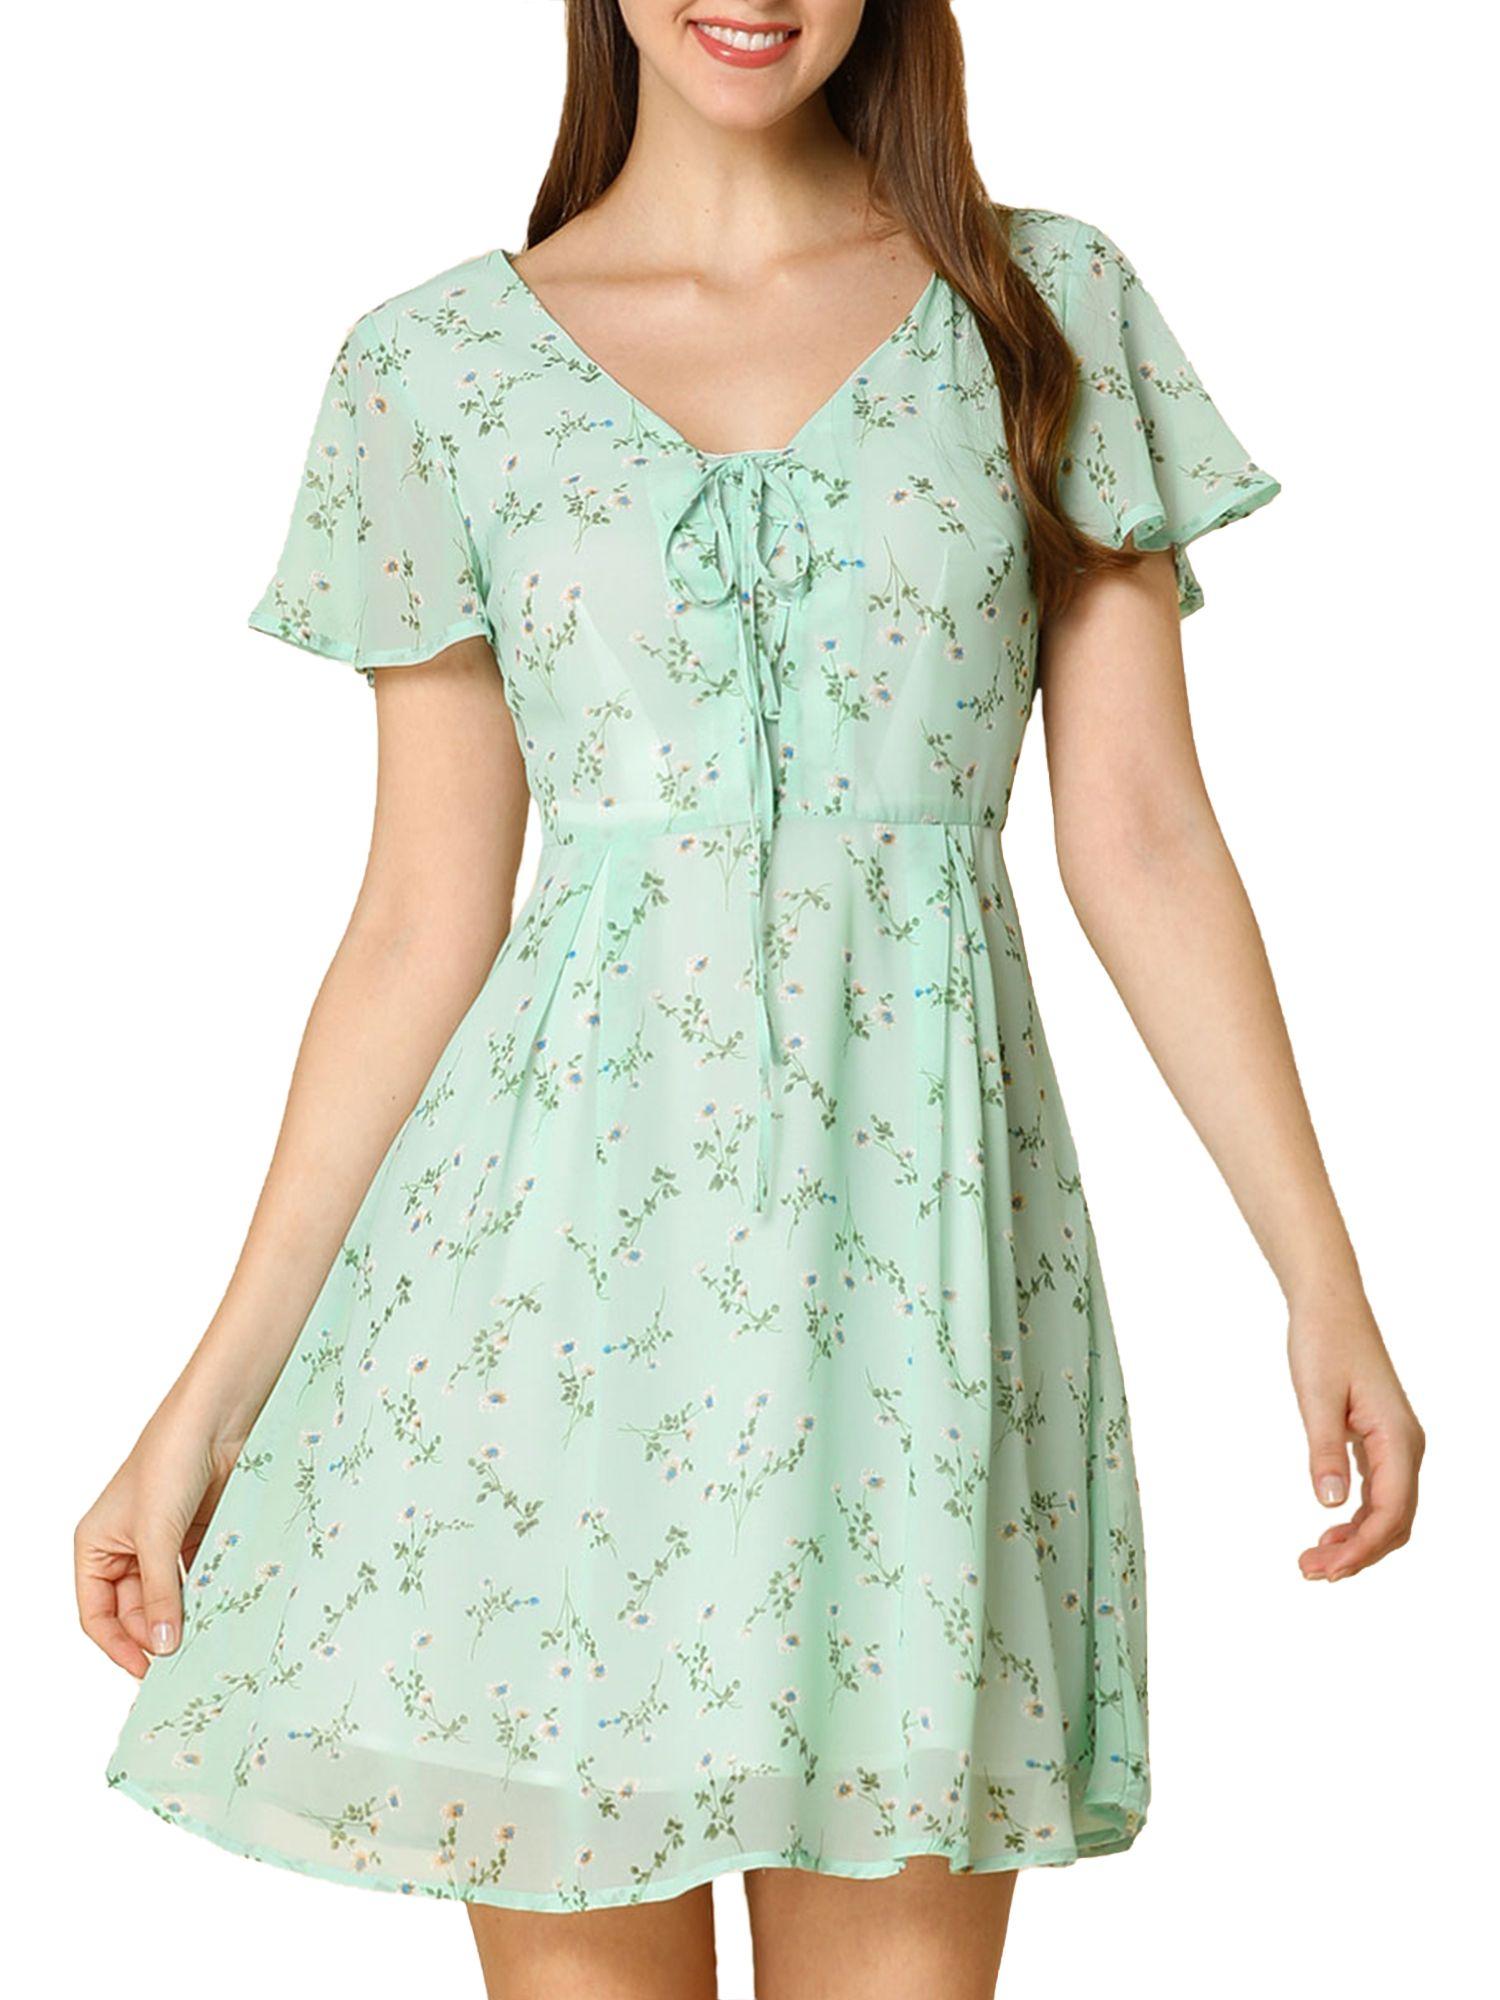 Unique Bargains Women S Floral Flouncing Sleeve V Neck A Line Chiffon Dress Walmart Com Floral Dress Casual Floral Dresses Long Dresses [ 2000 x 1500 Pixel ]